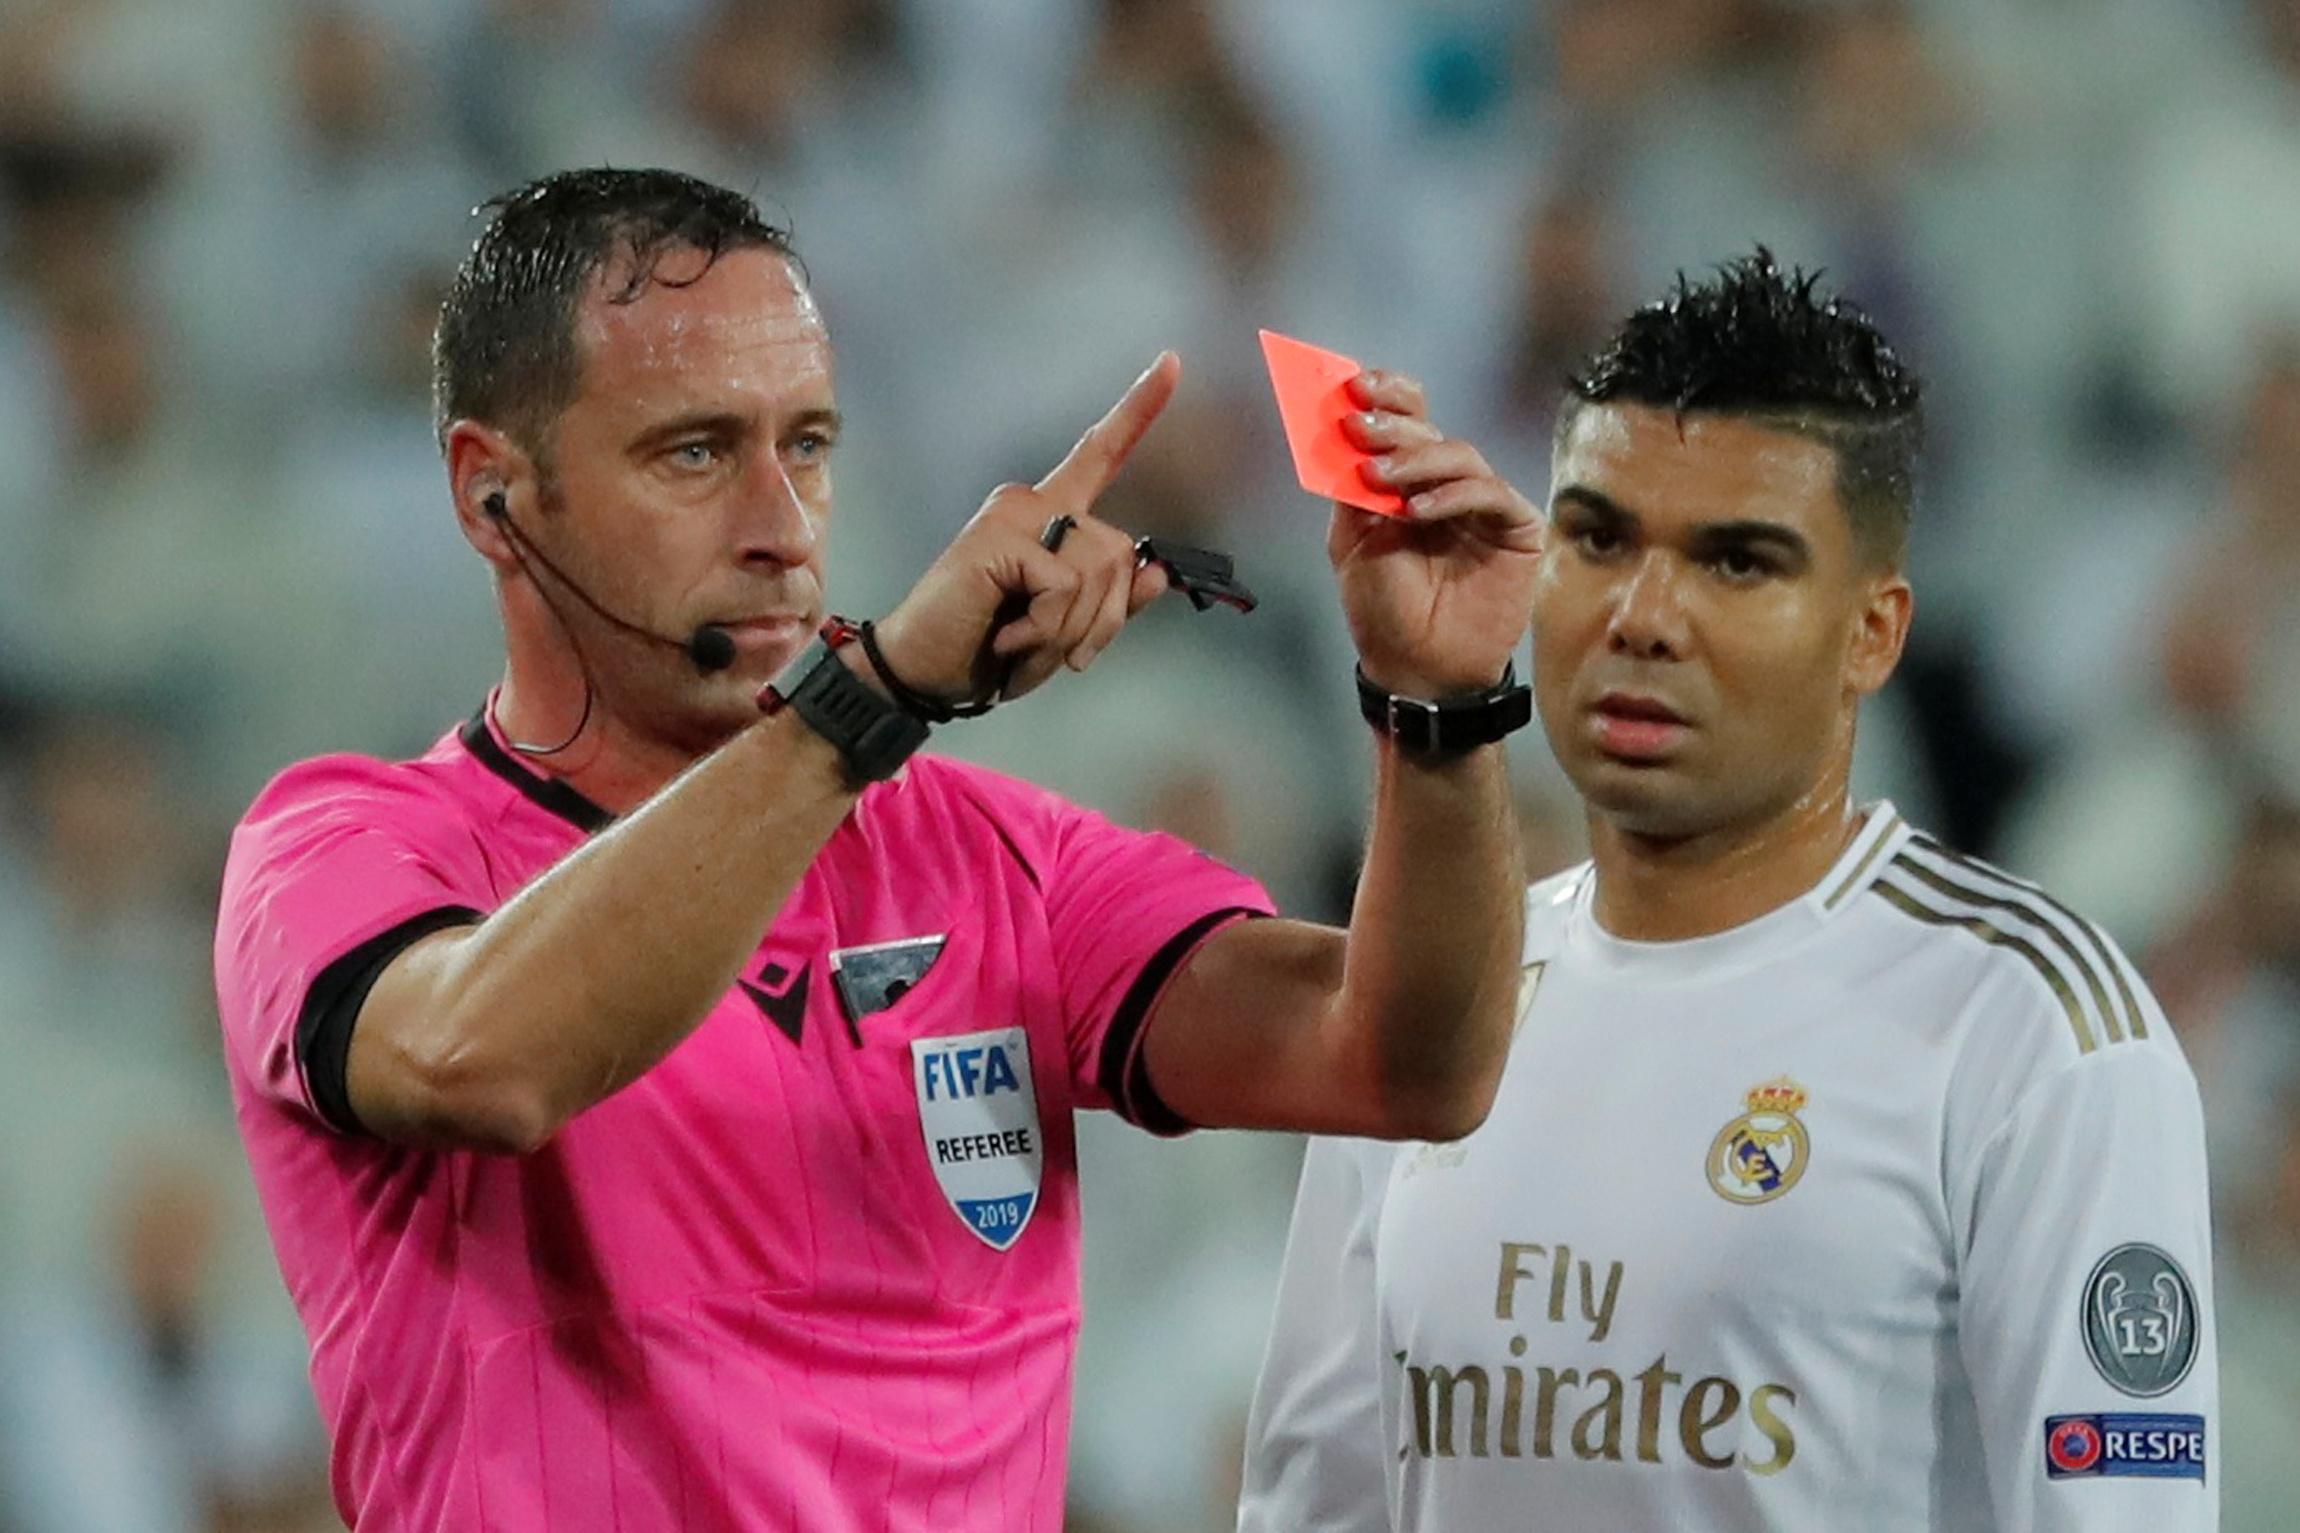 Football - Ligue des champions - Real Madrid-PSG : L'arbitre expulse Courtois... puis annule son carton rouge en «rembobinant» le match